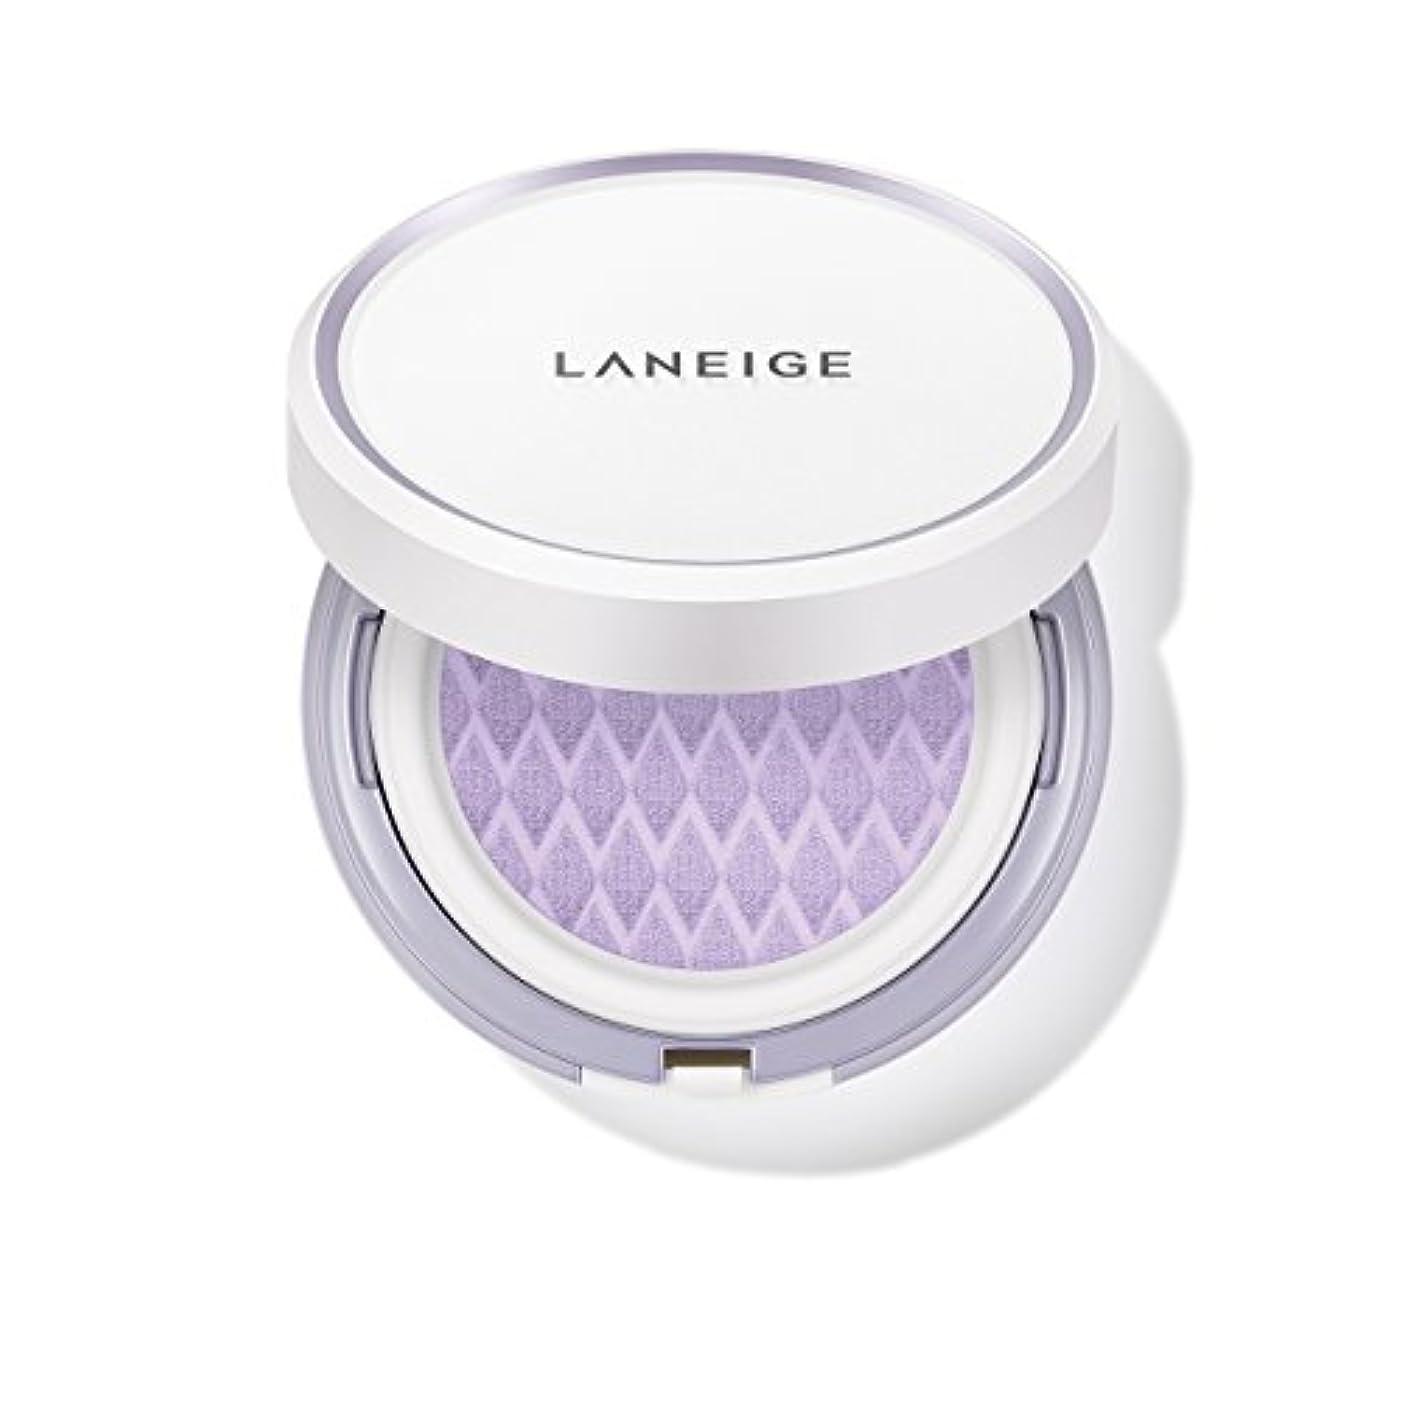 ペンフレンド環境ジャンルラネージュ[LANEIGE]*AMOREPACIFIC*[新商品]スキンベなベースクッションSPF 22PA++(#40 Light Purple) 15g*2 / LANEIGE Skin Veil Base Cushion...